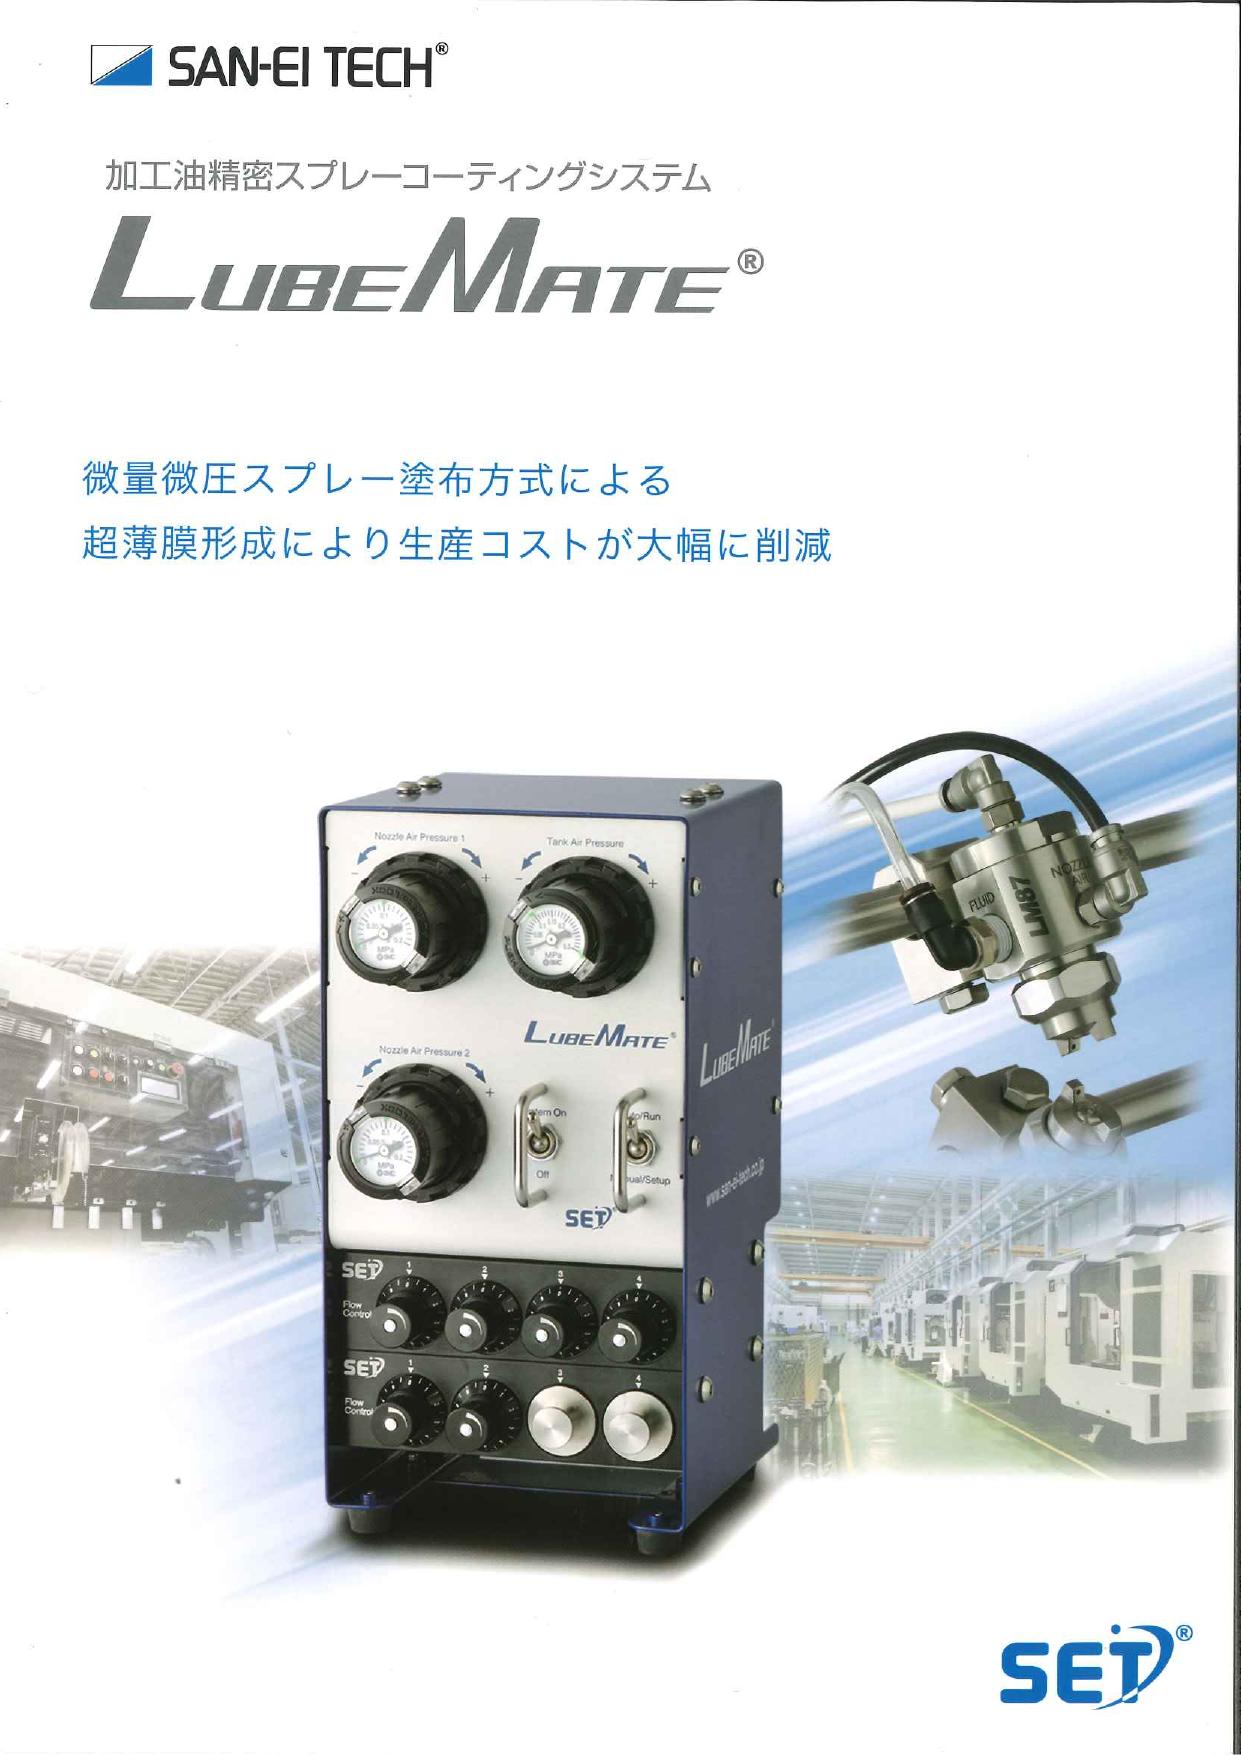 加工油精密スプレーコーティングシステム LUBE MATE(R)